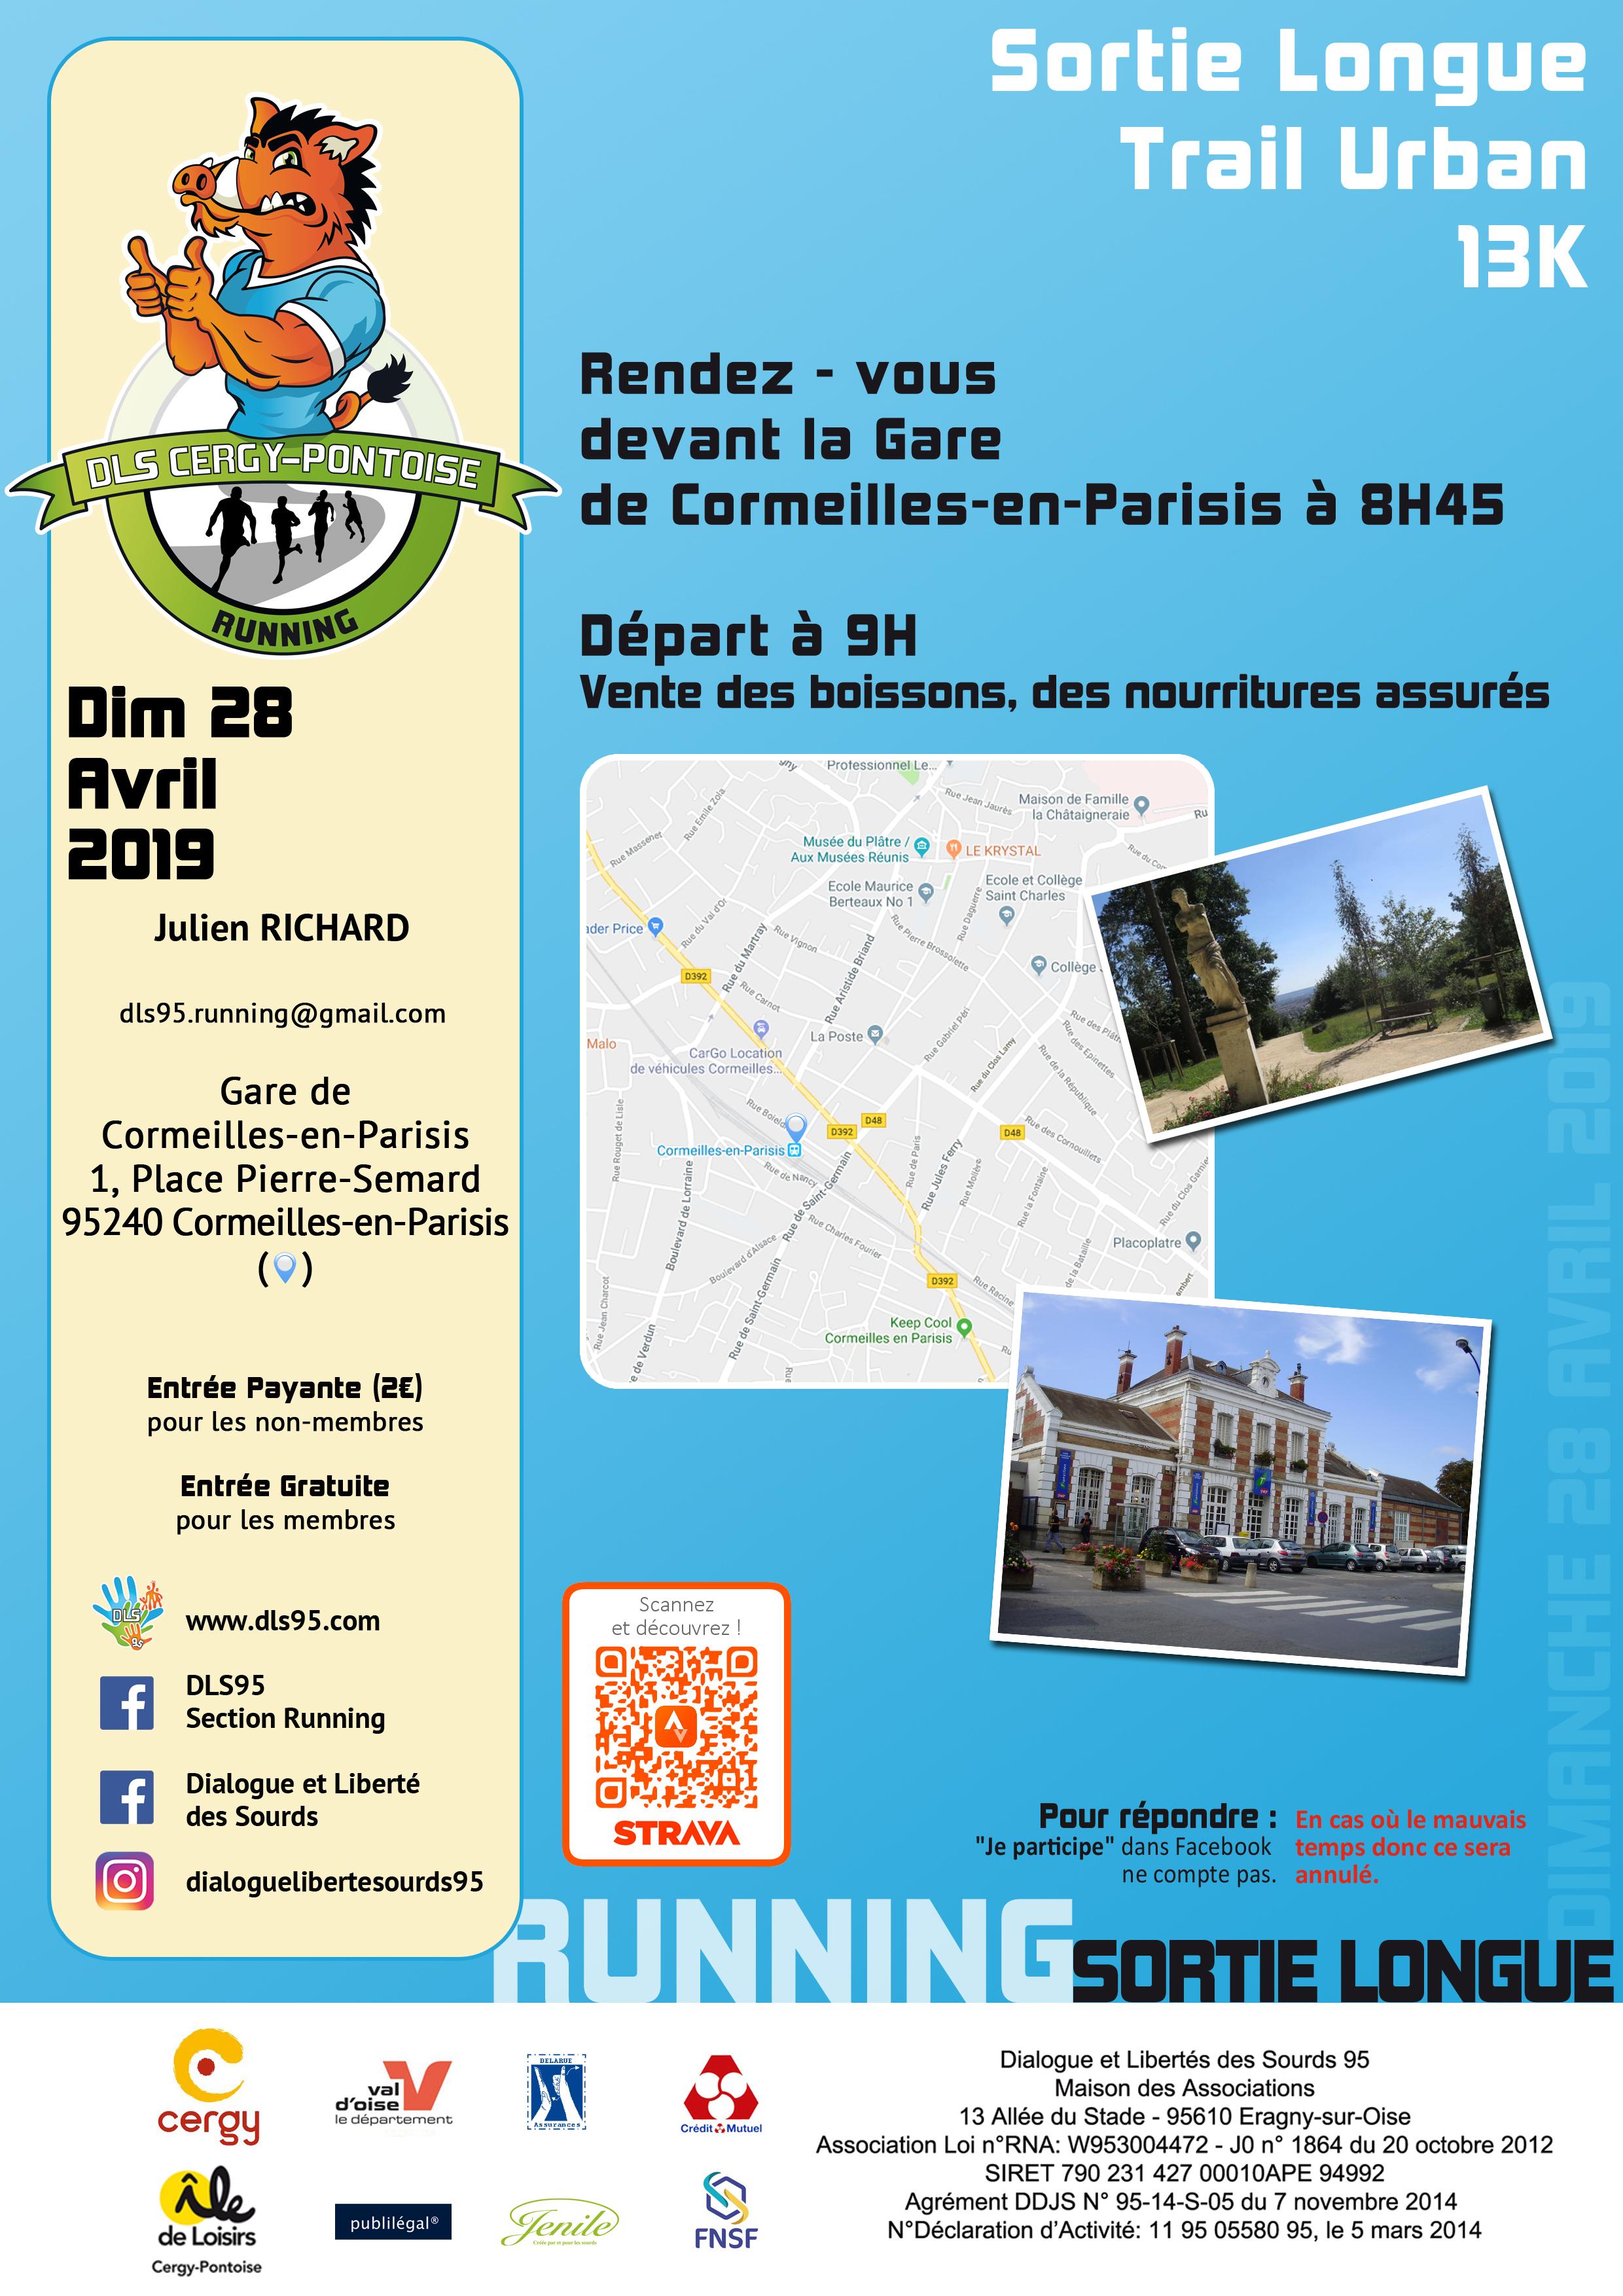 Running 13km